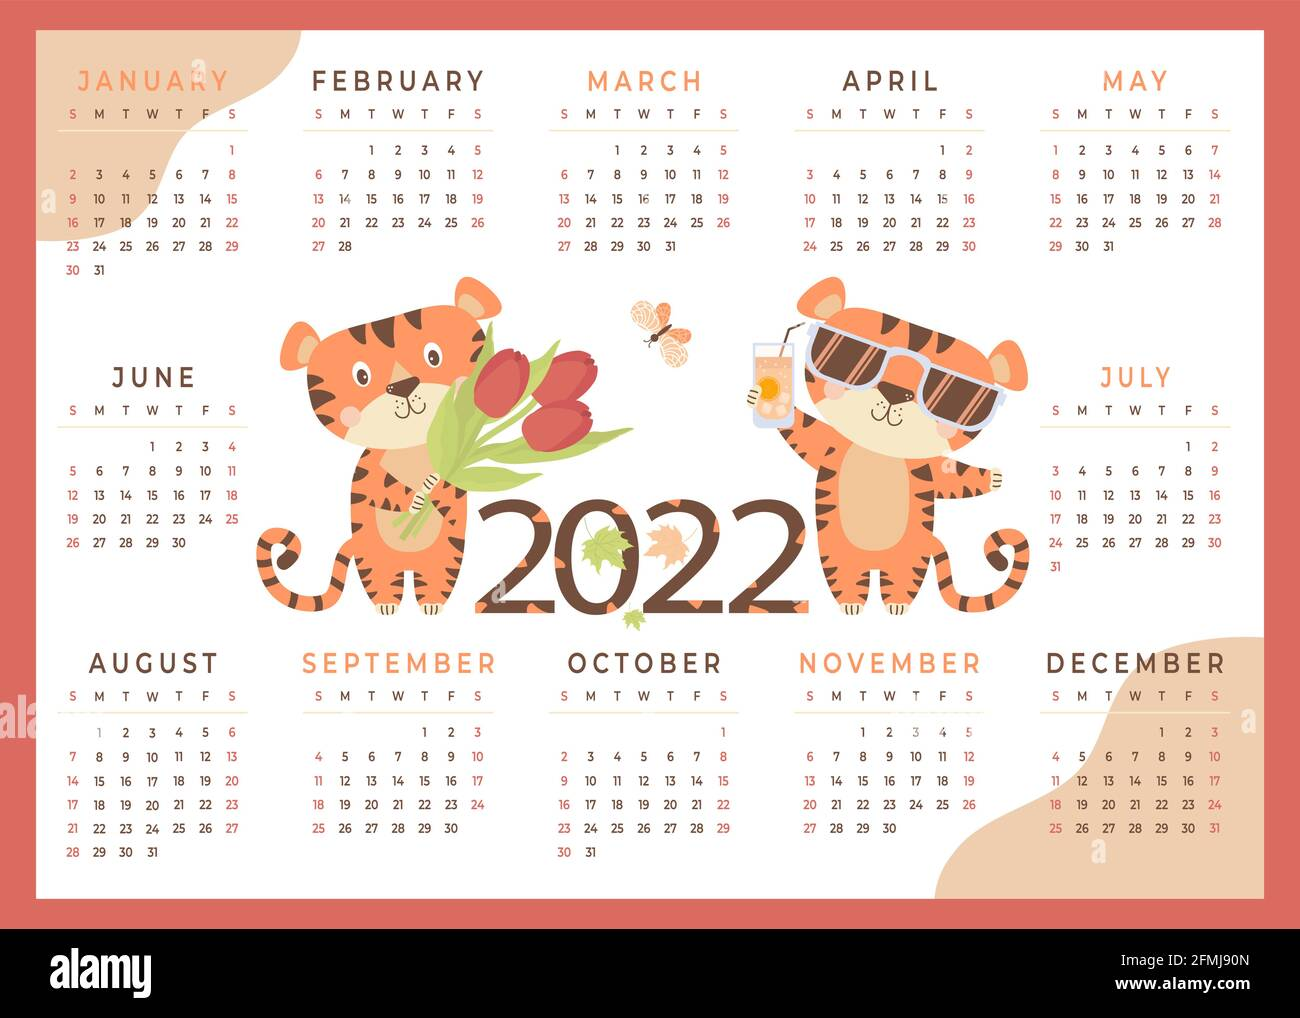 Calendrier 2022 Enfants 2022. Calendrier tigre pour enfants 2022 avec animaux mignons